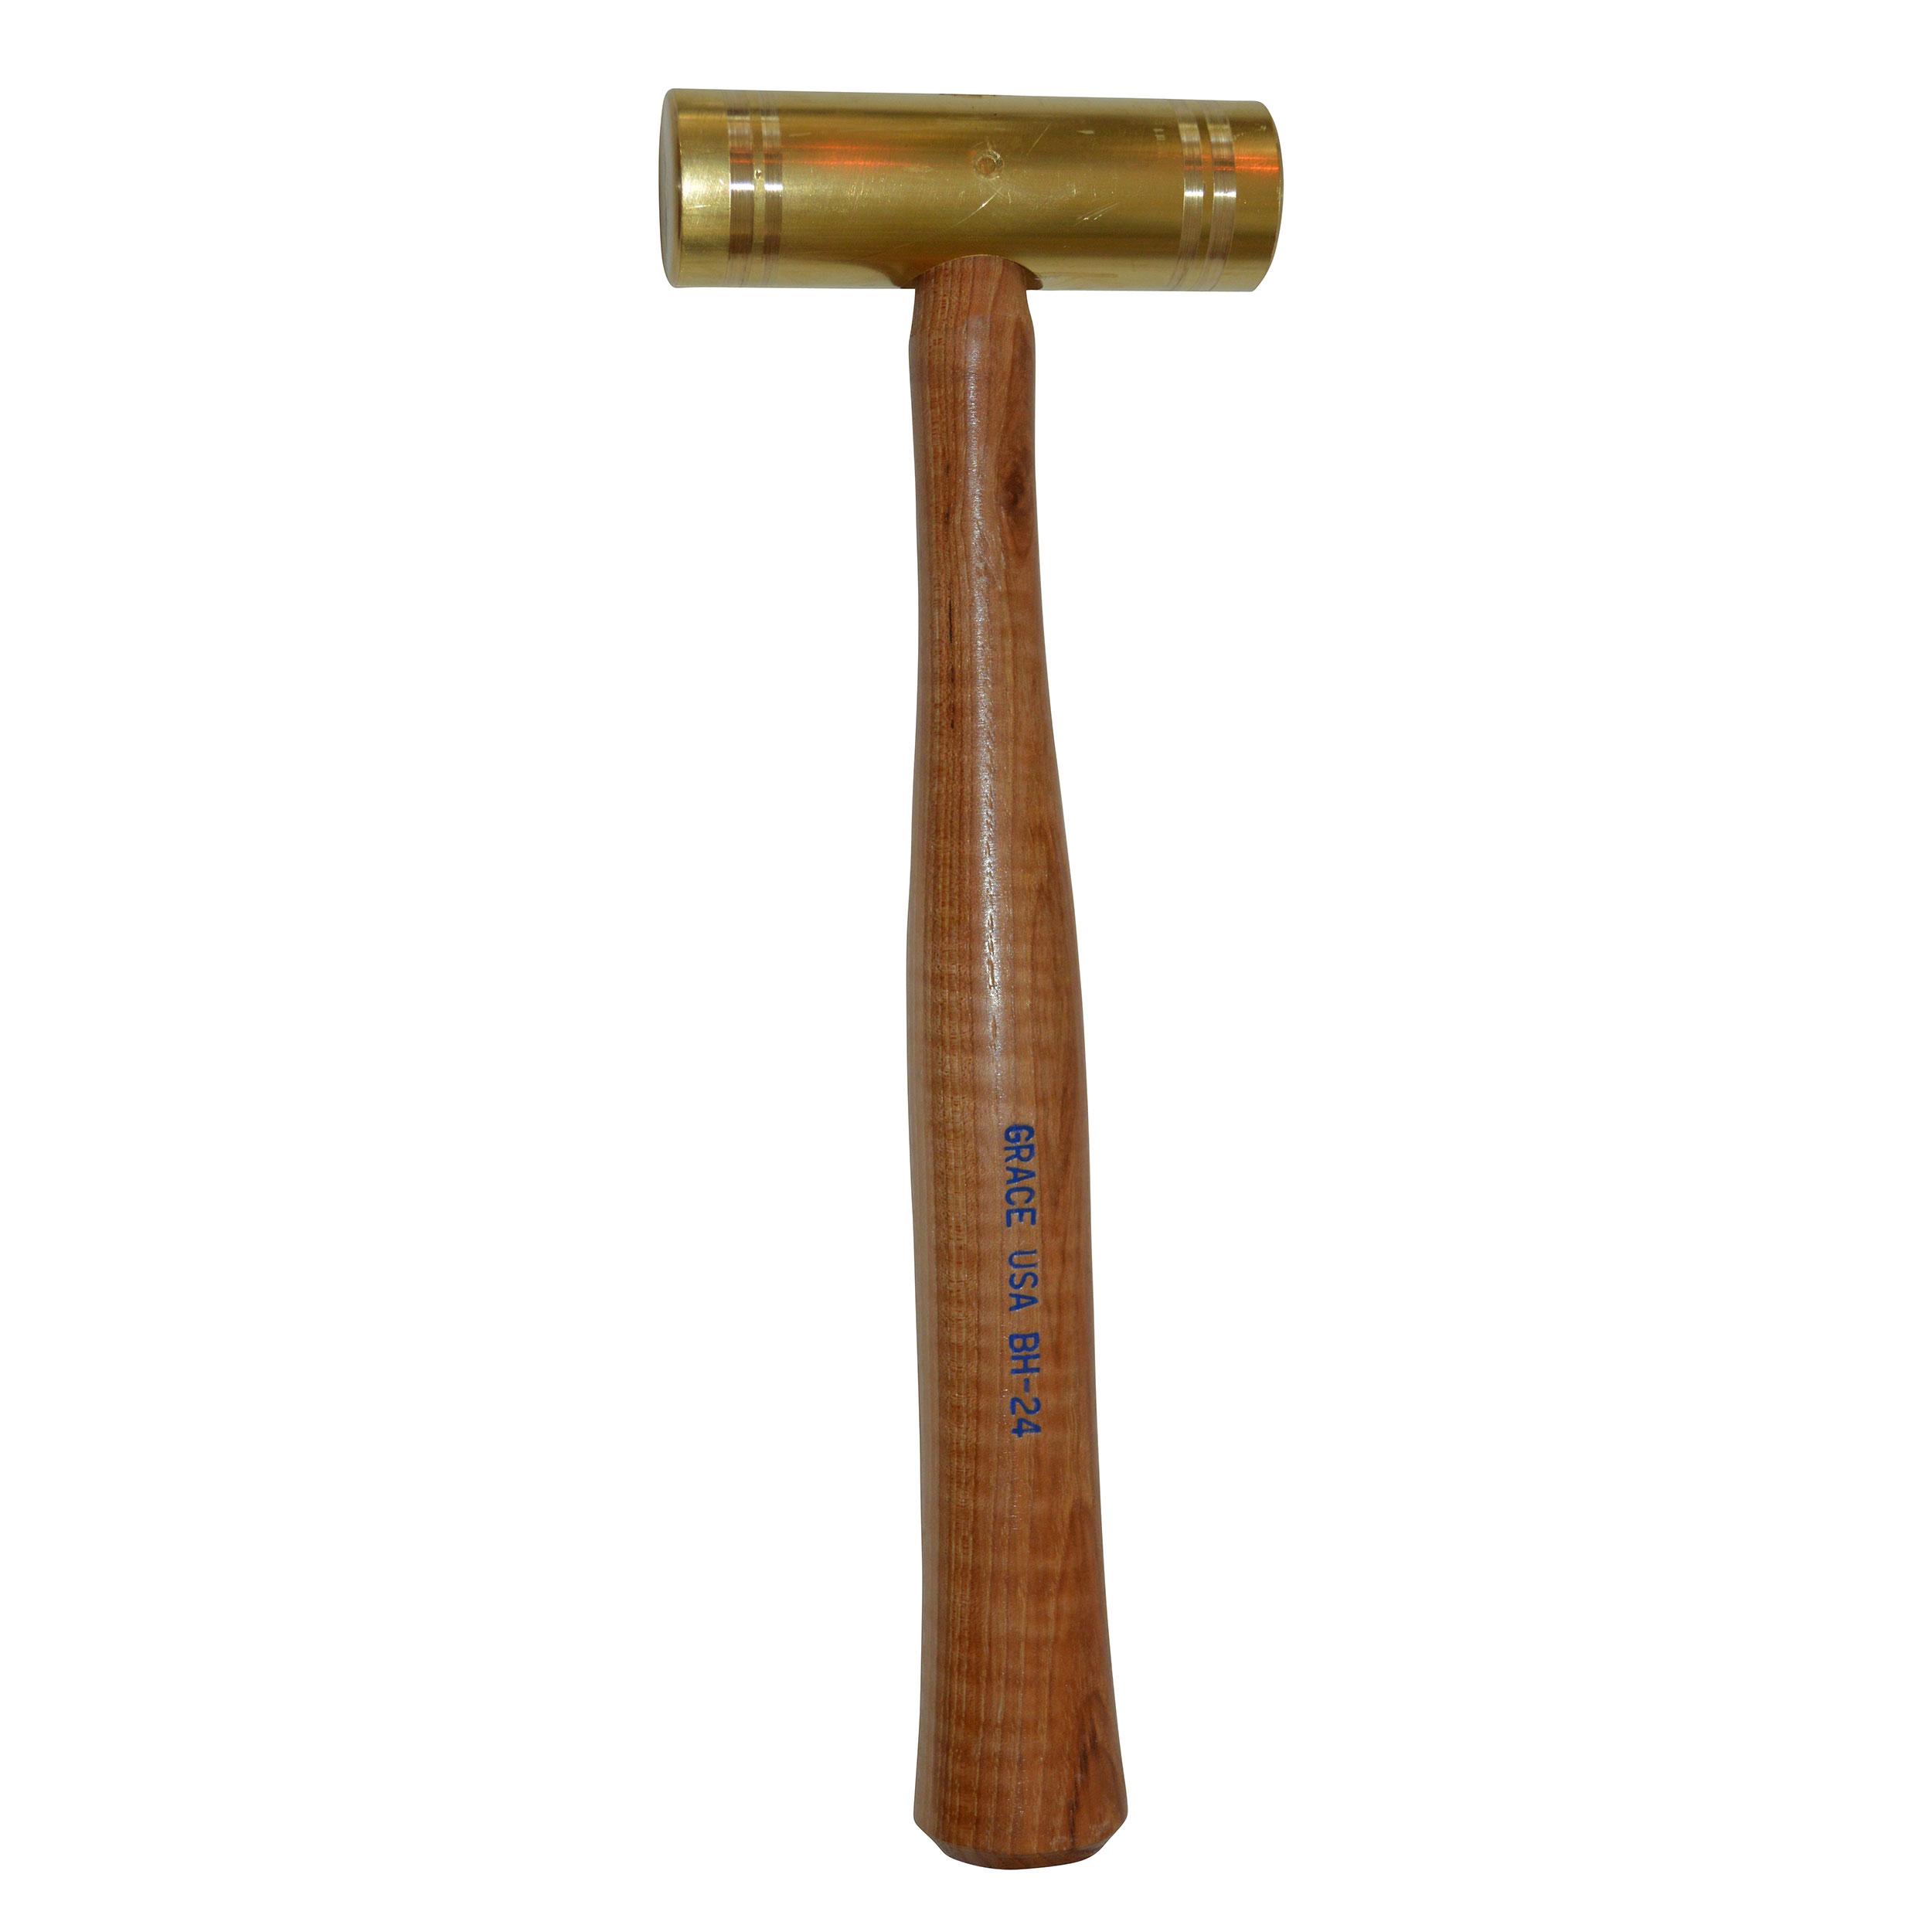 24 ounce Brass Hammer